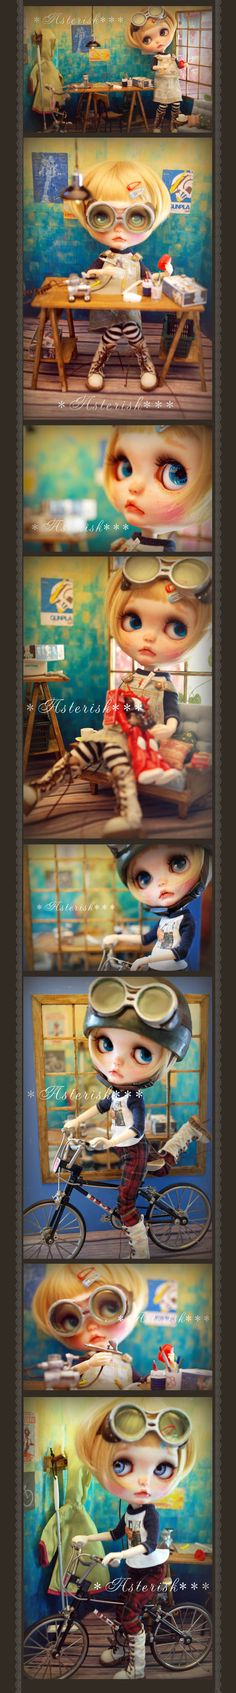 *カスタム ブライス My Studio - Asterisk*** - Auction - Rinkya